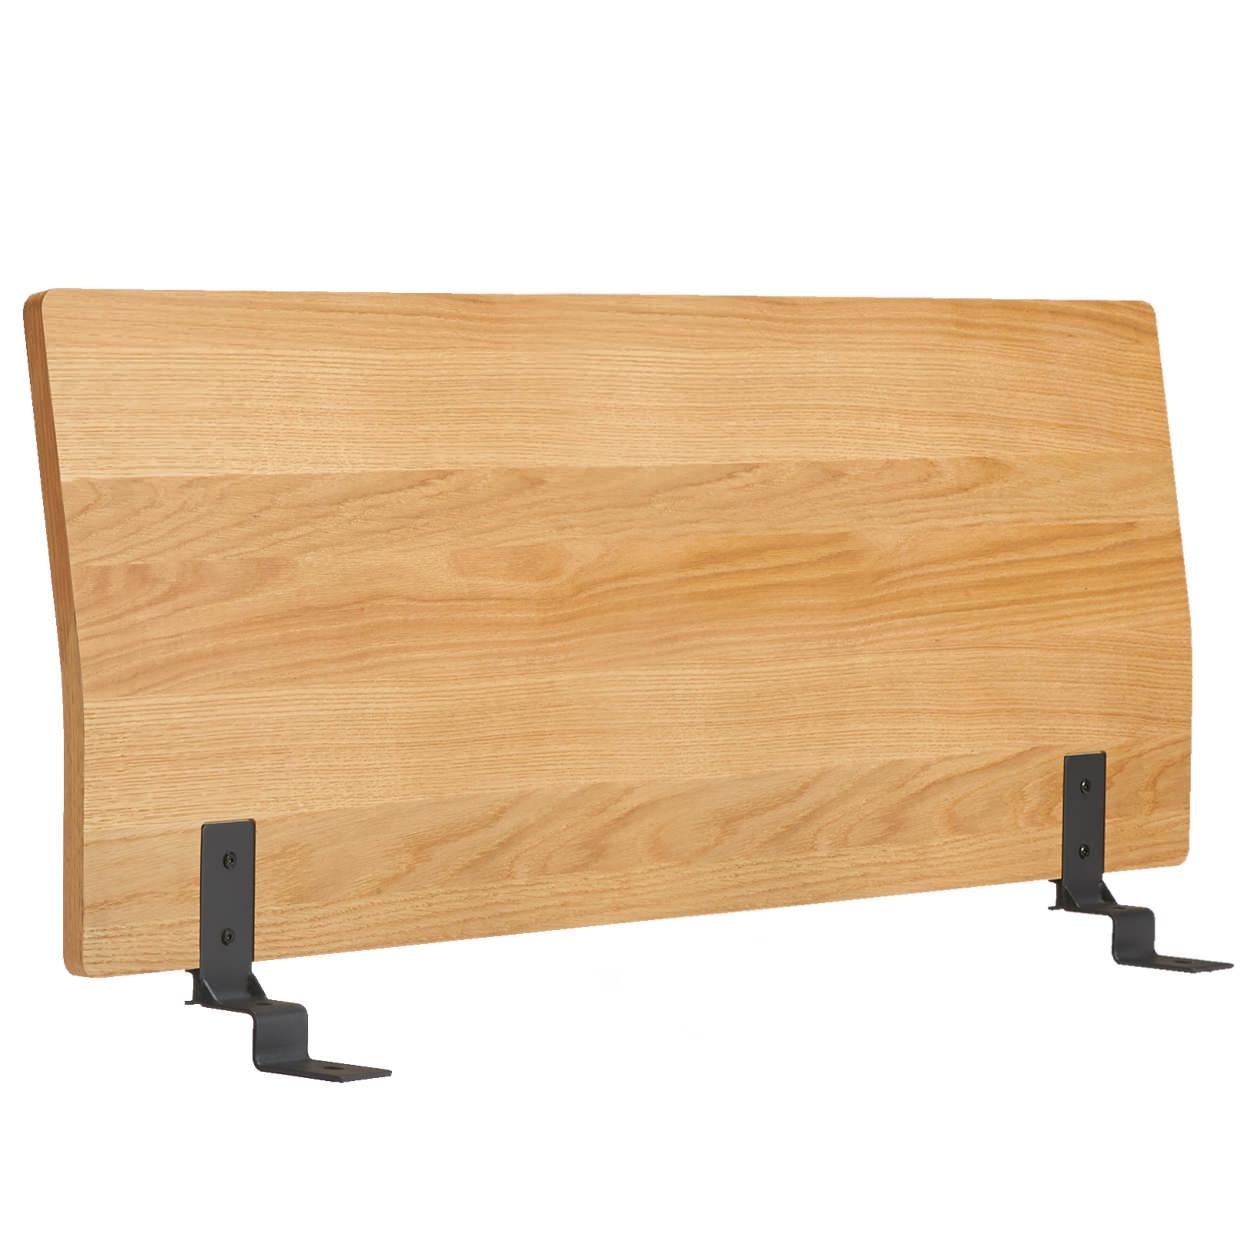 ベッドフレーム用ヘッドボード・ダブル・オーク材